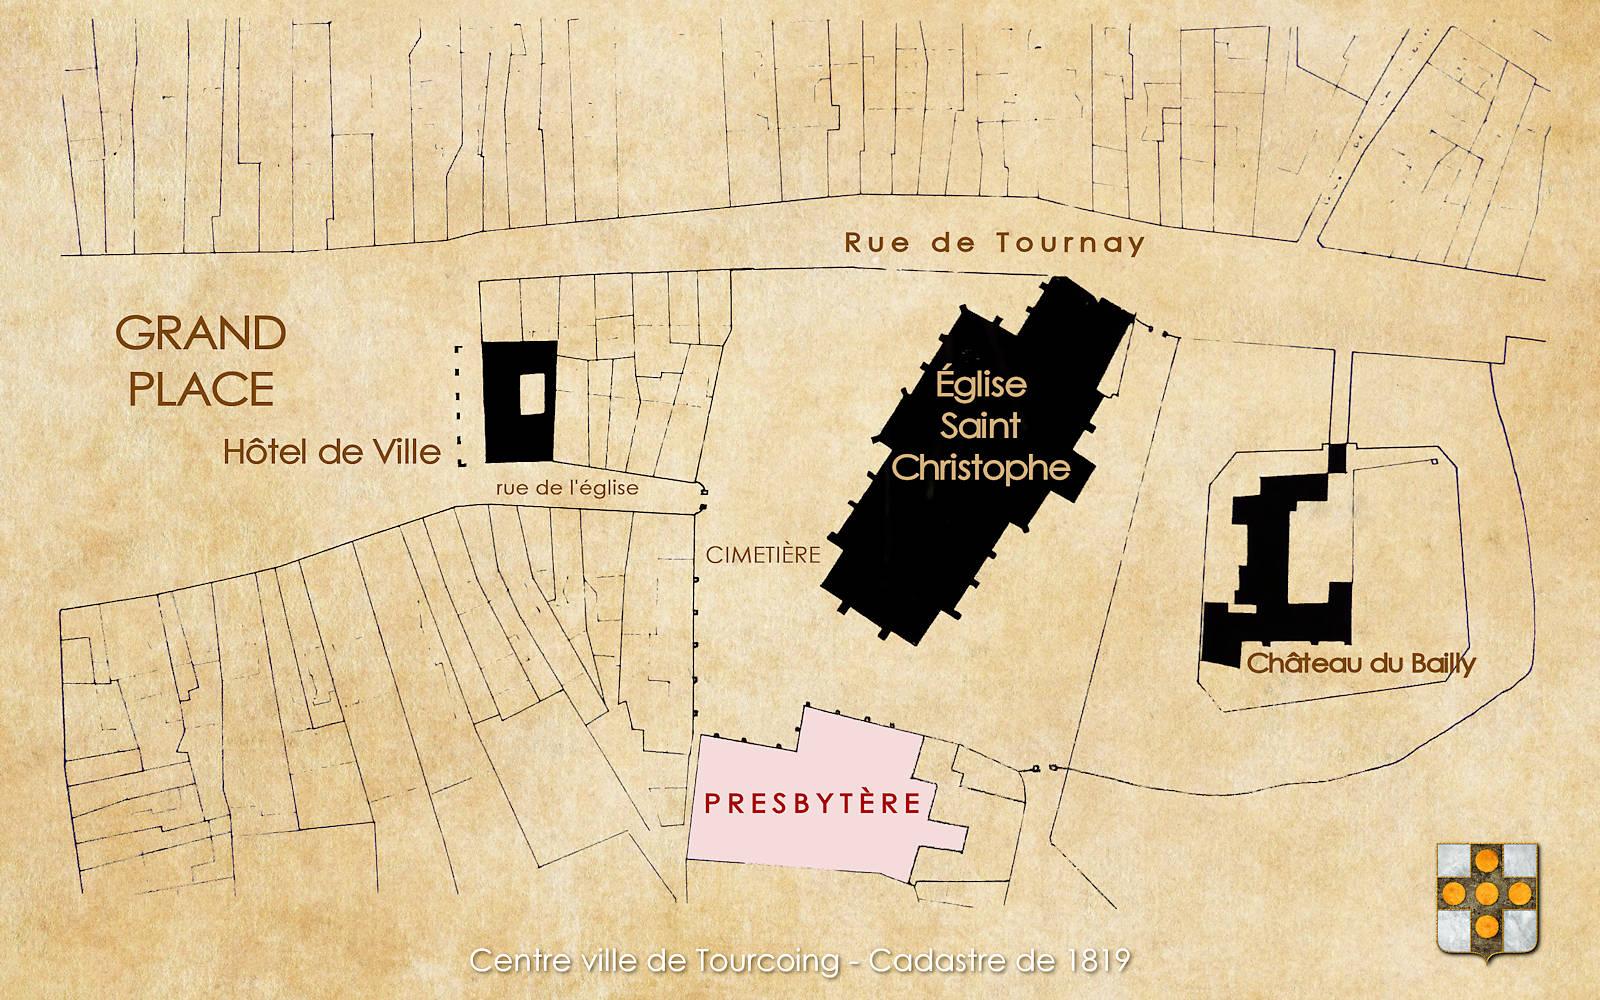 Cadastre Tourcoing 1819 - Presbytère